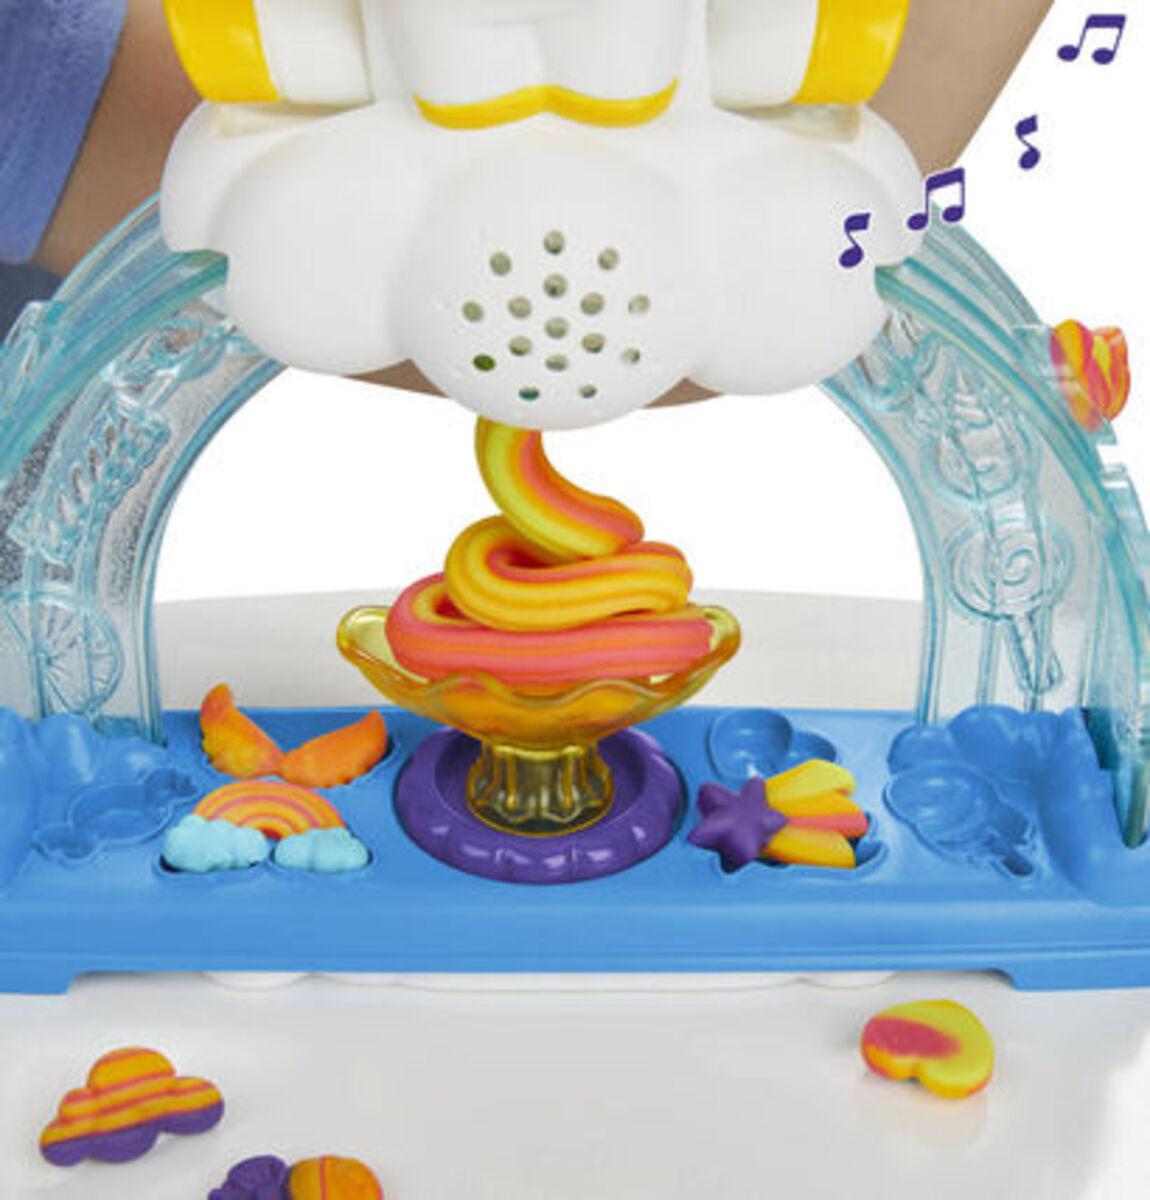 Bild 4 von Hasbro Buntes Einhorn Softeis-Set, mehrfarbig